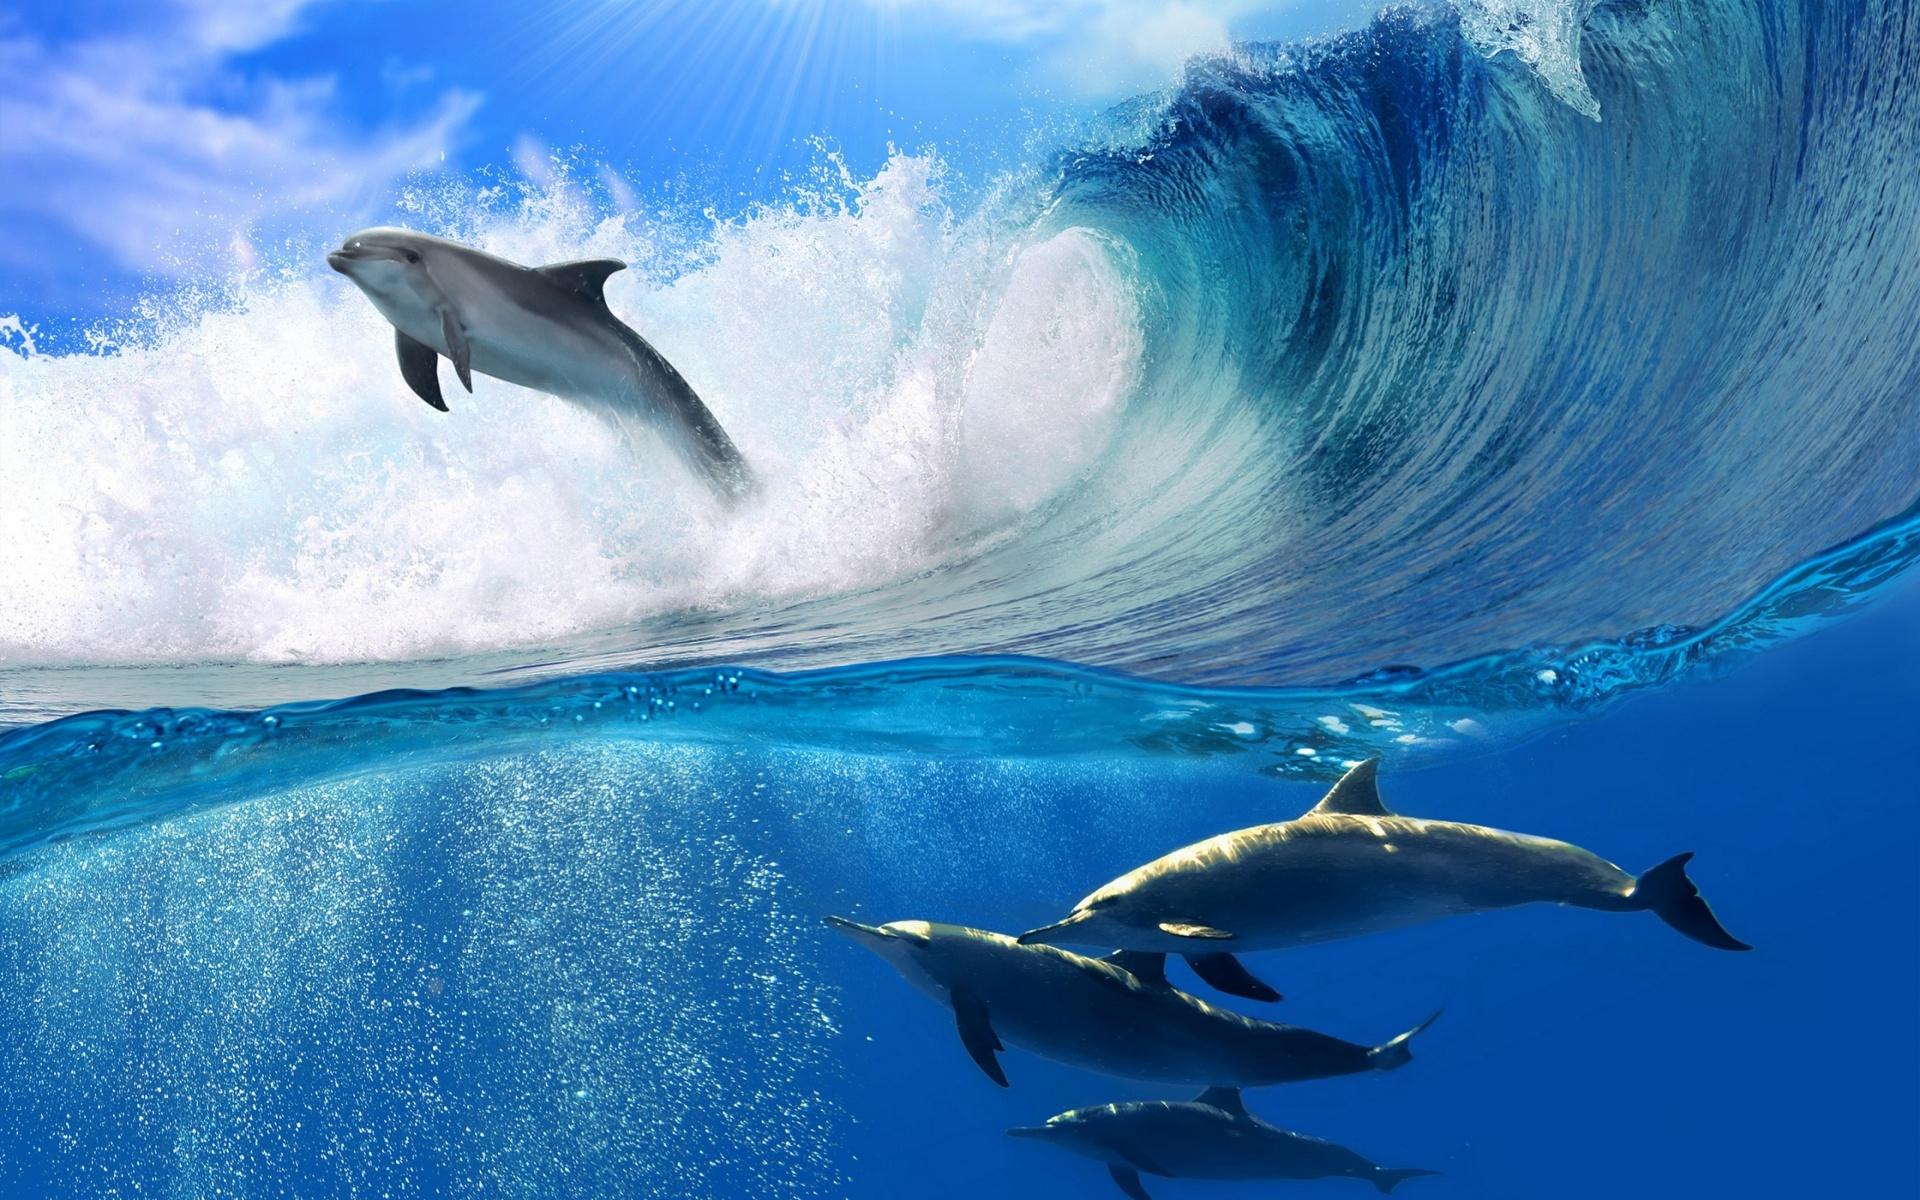 Hình ảnh cá heo đẹp và đáng yêu giữa đại dương xanh mát